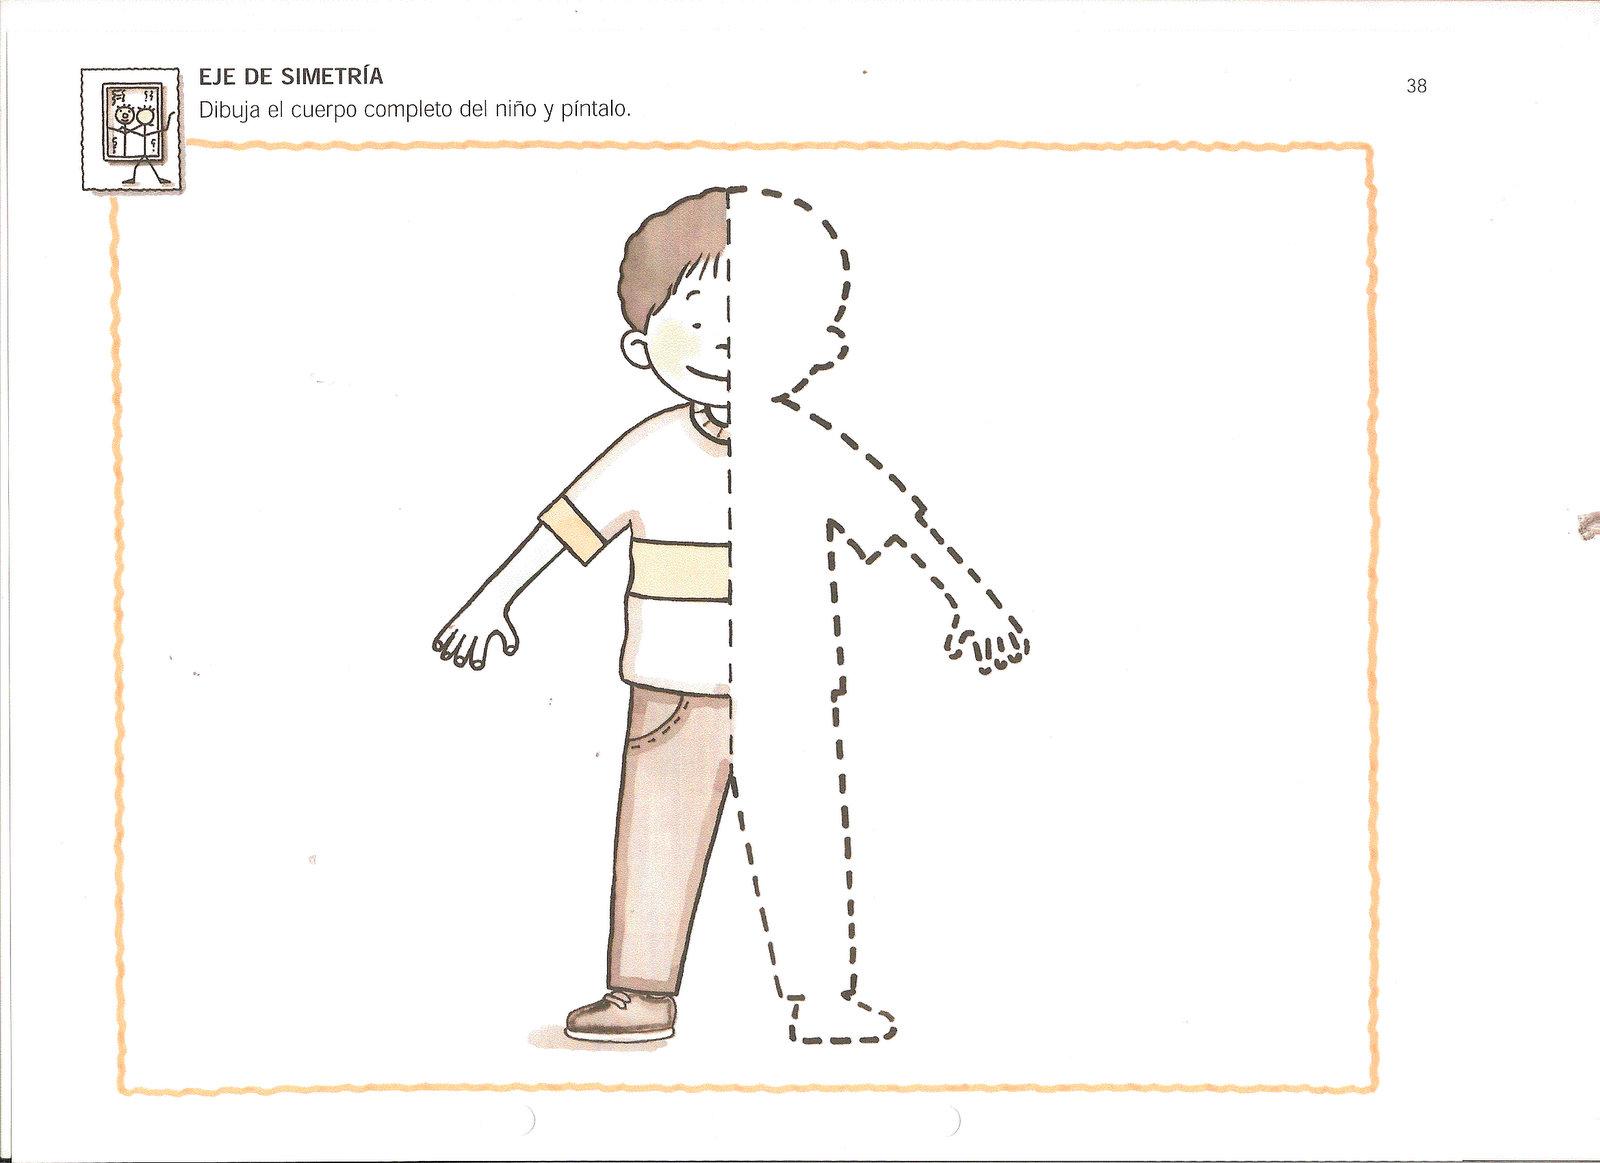 Moderno Diagrama De Cuerpo Para Los Niños Colección de Imágenes ...